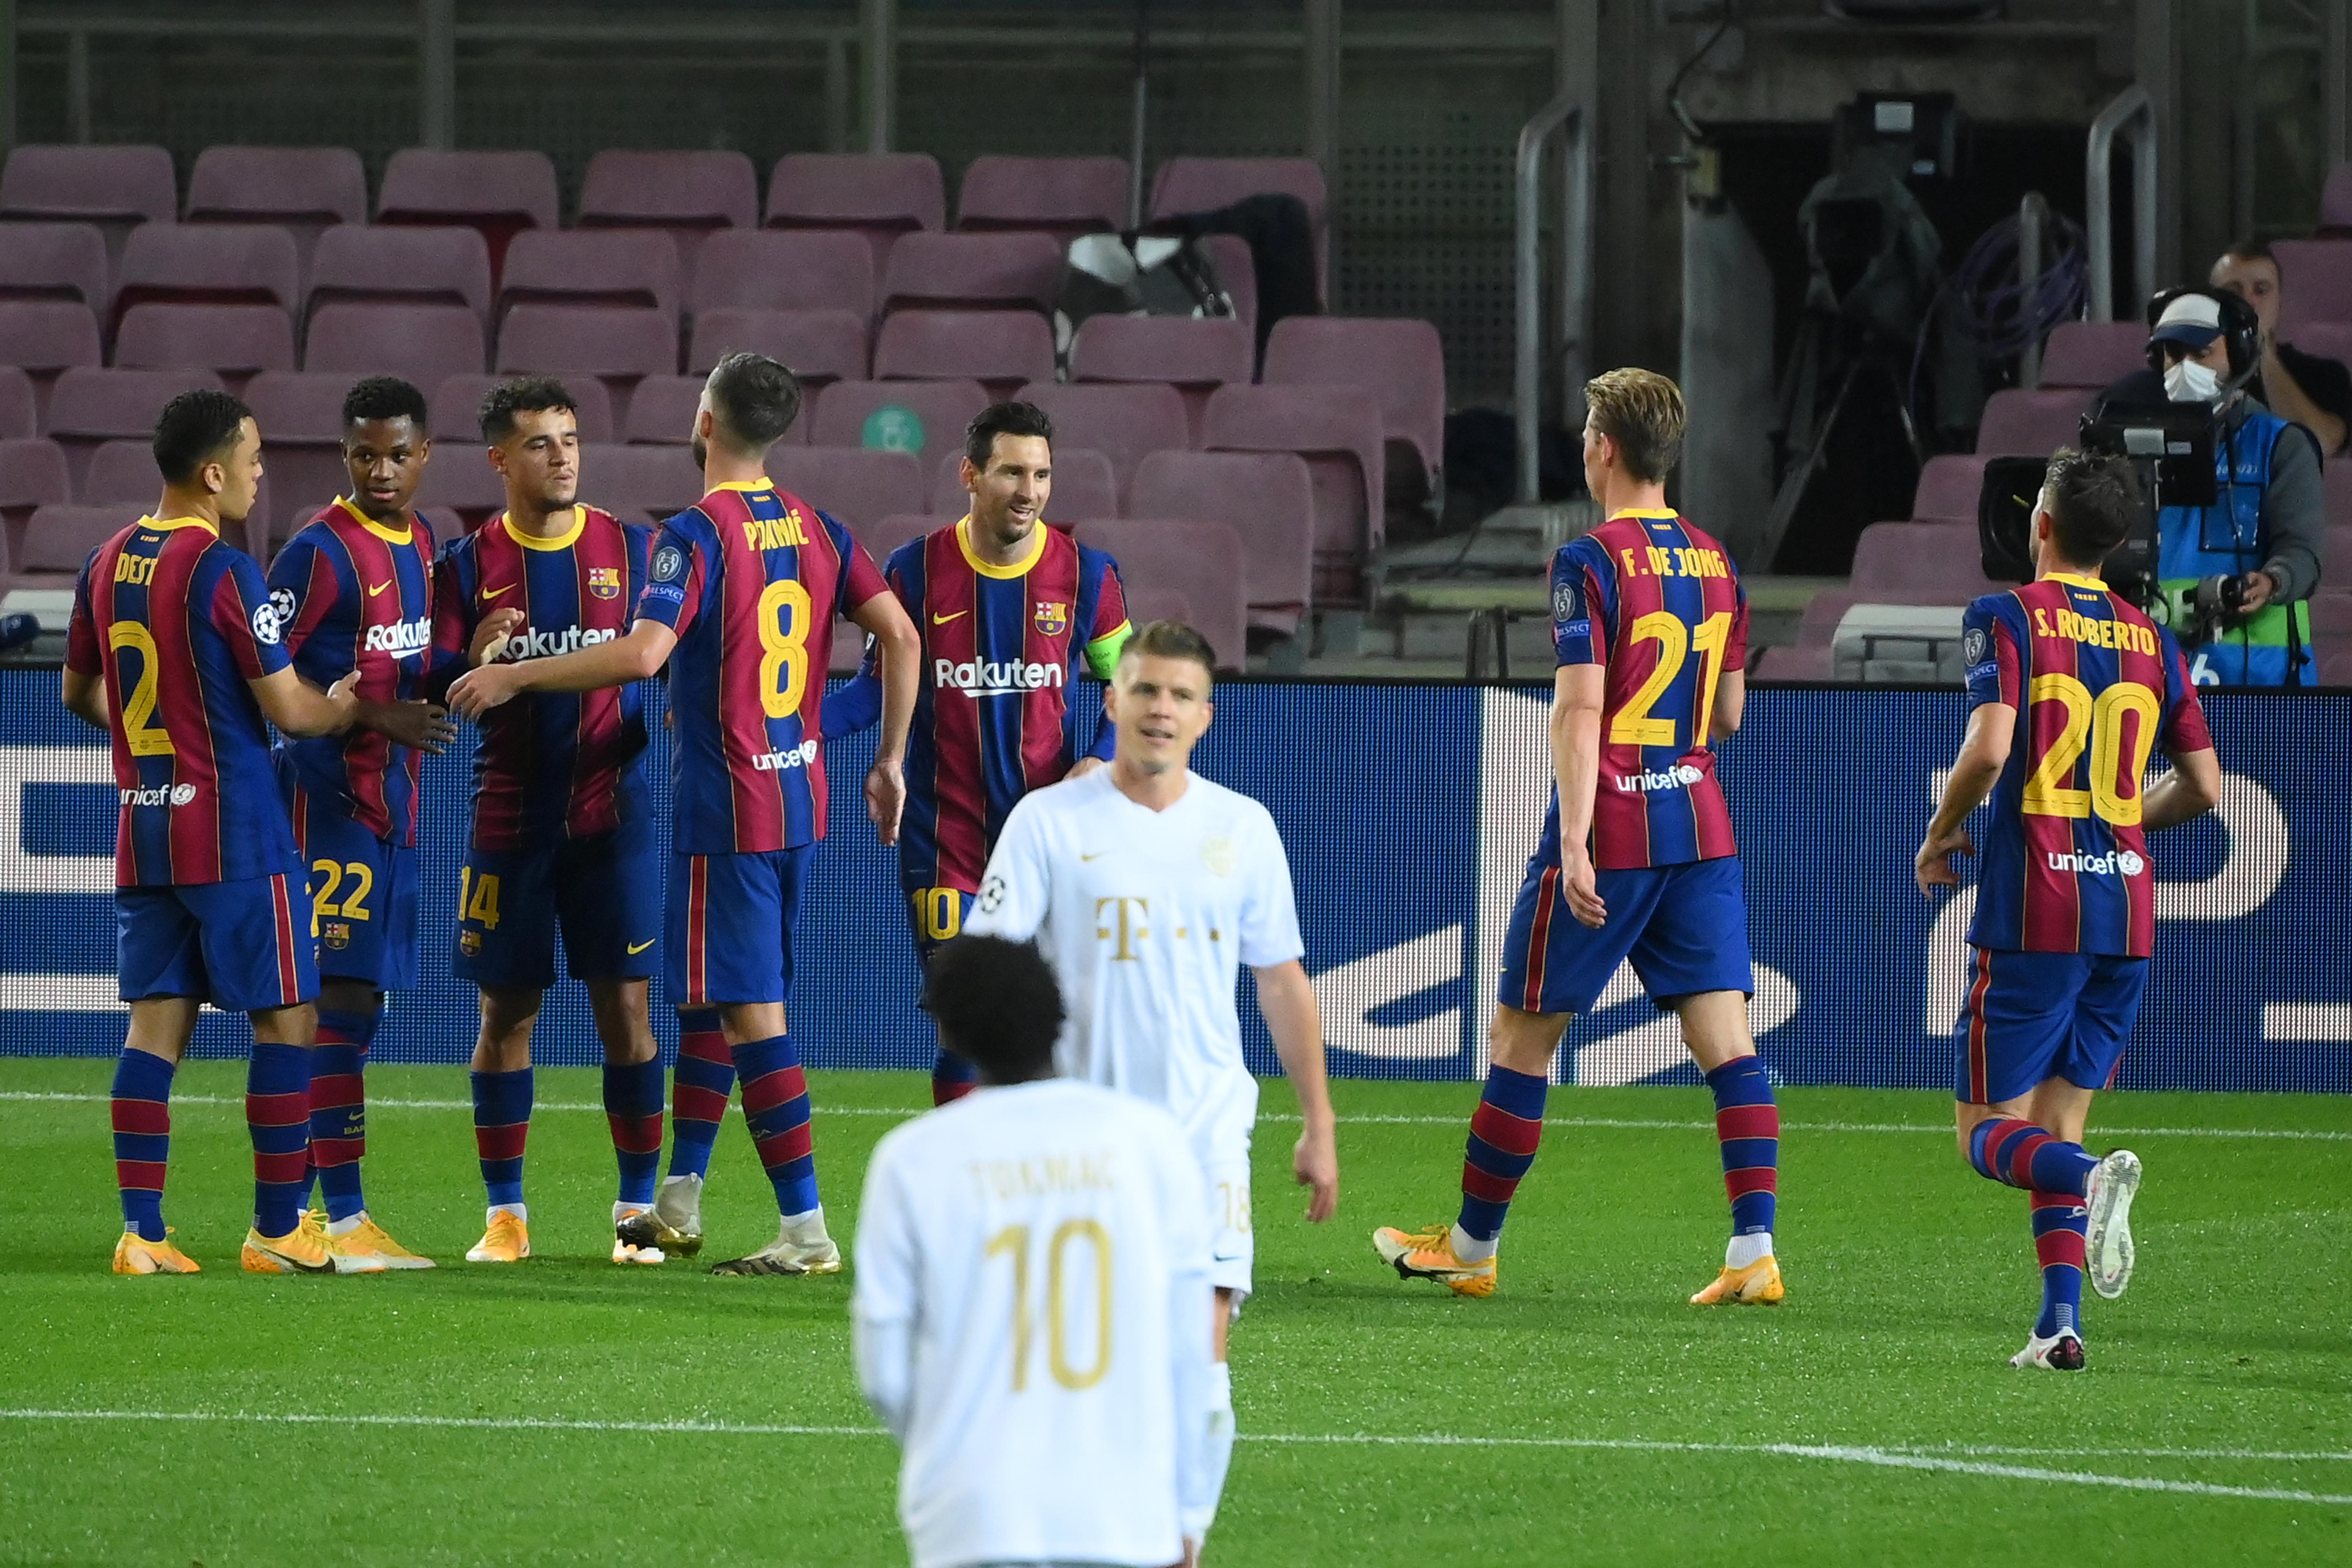 Minden jegy elkelt a Ferencváros hazai BL-meccseire